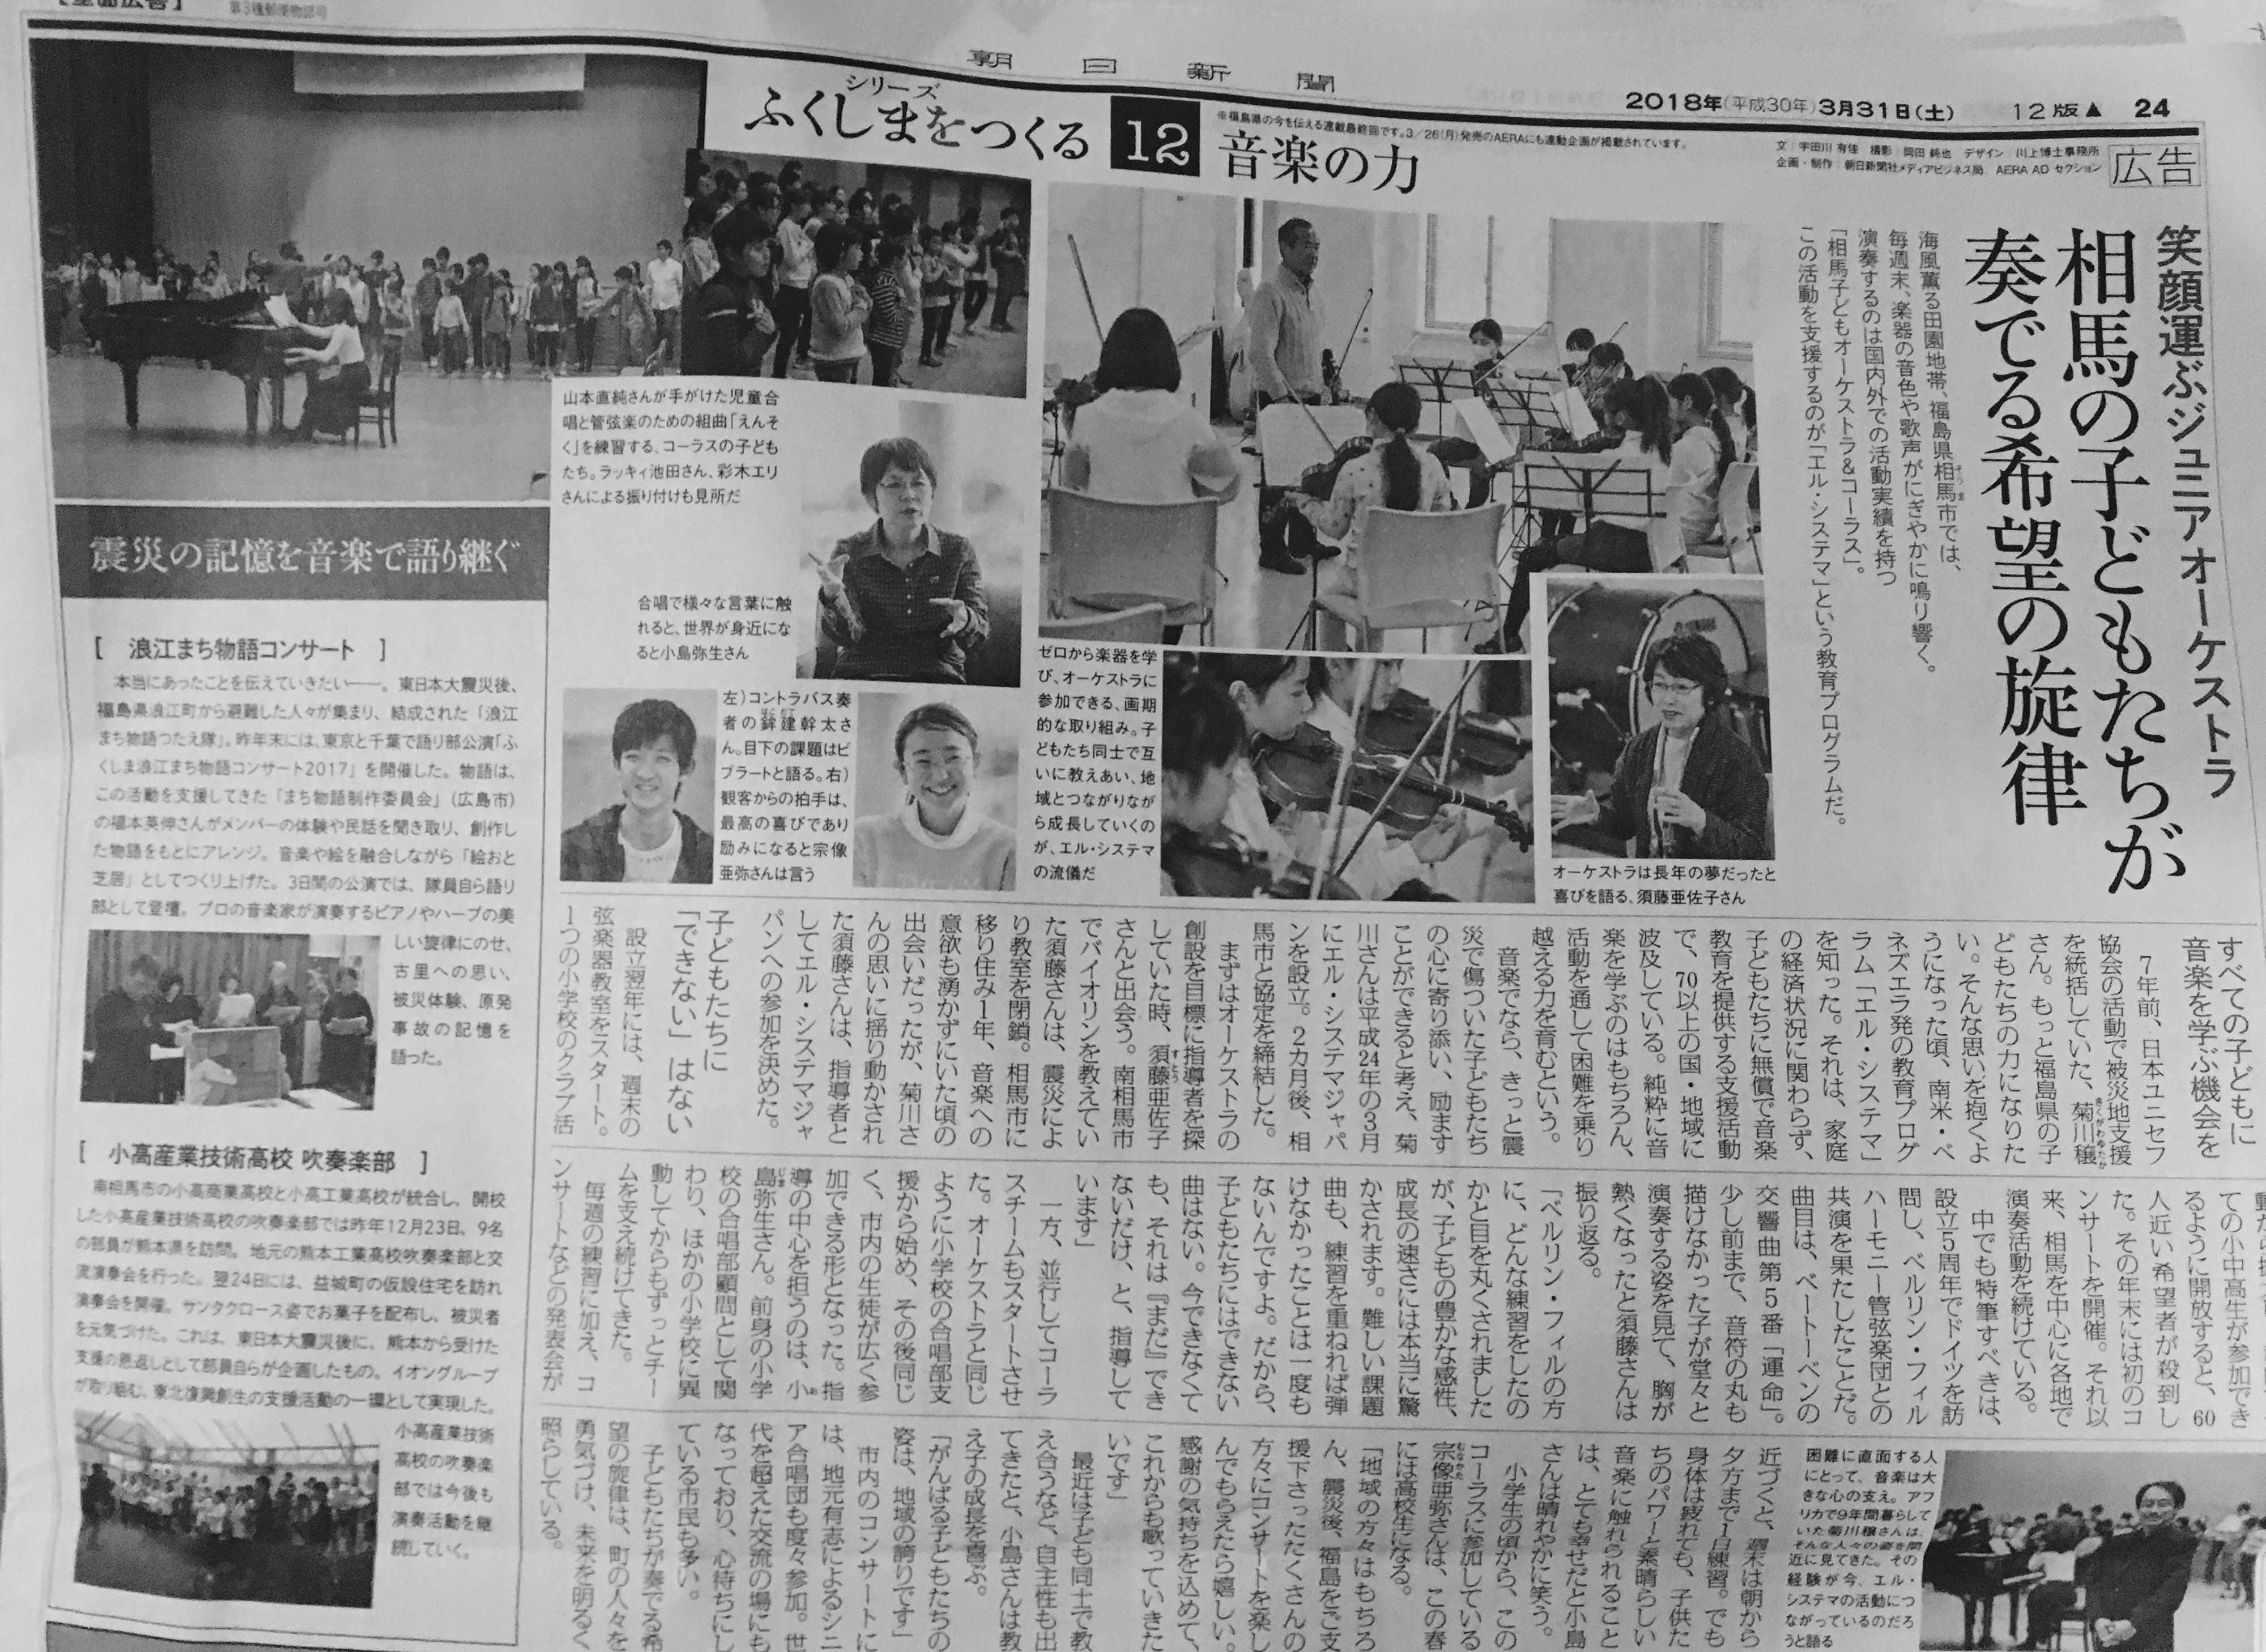 20180331朝日新聞